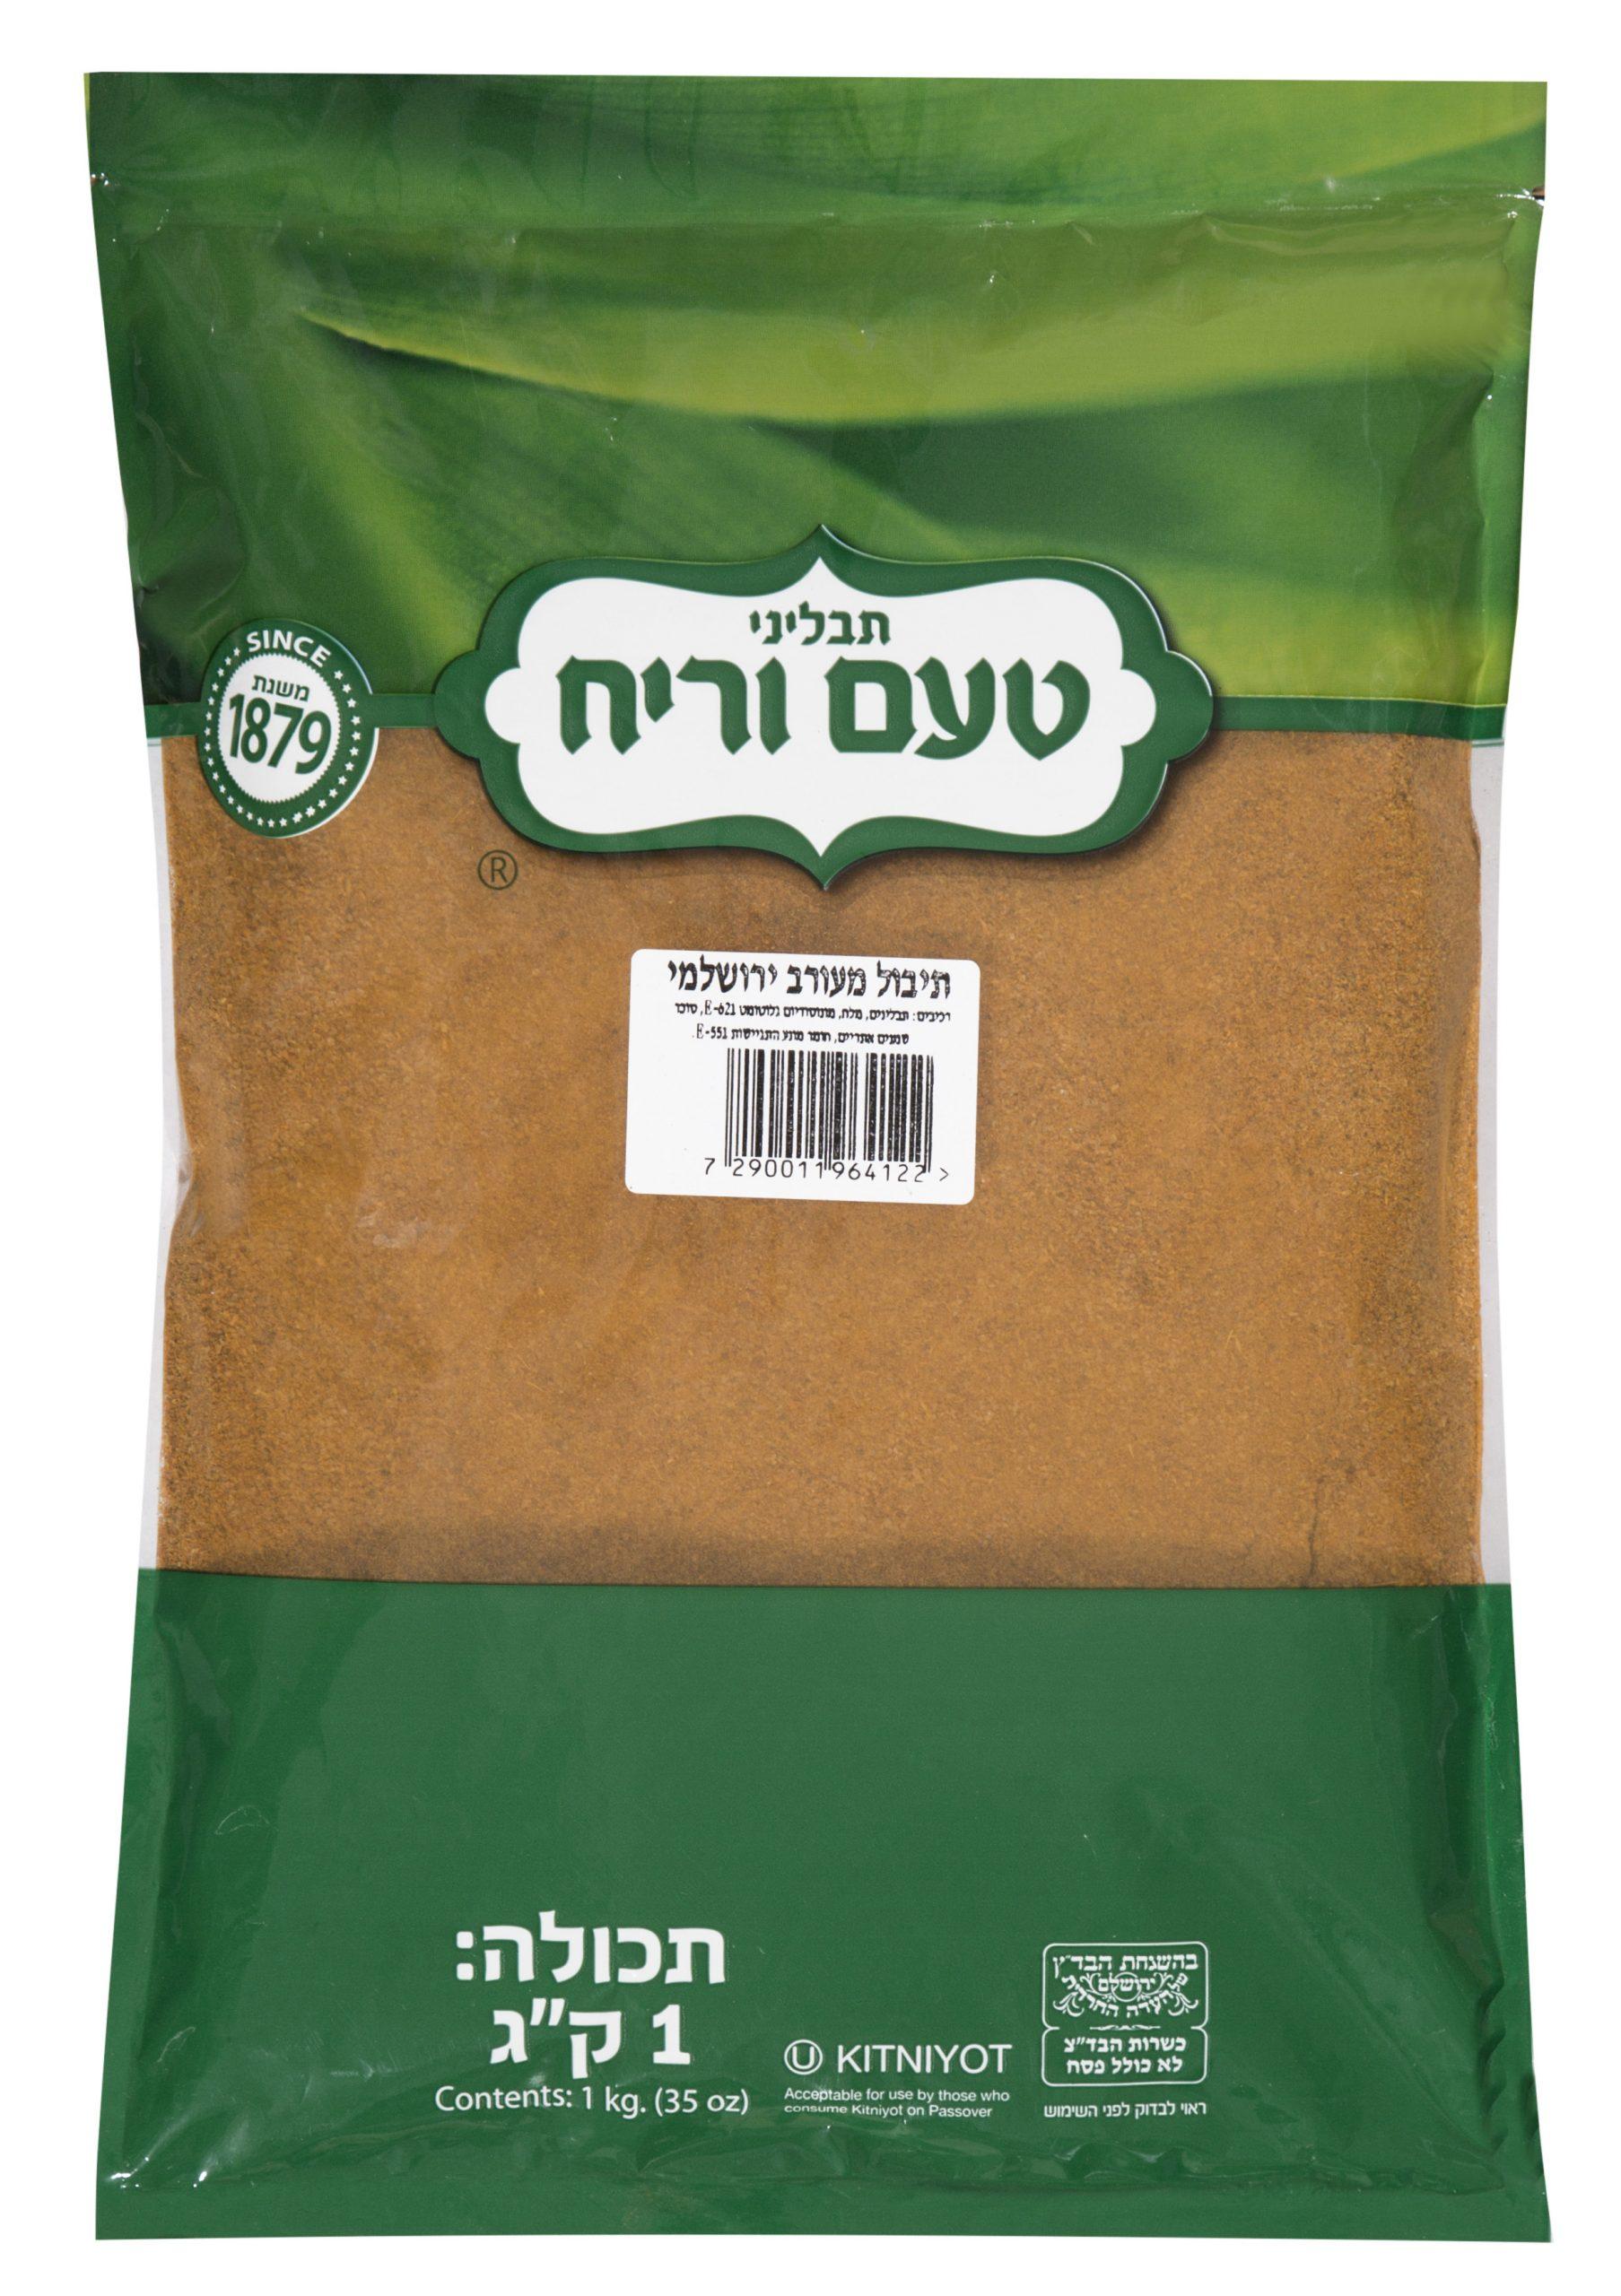 תבלין מעורב ירושלמי טעם וריח 1 ק